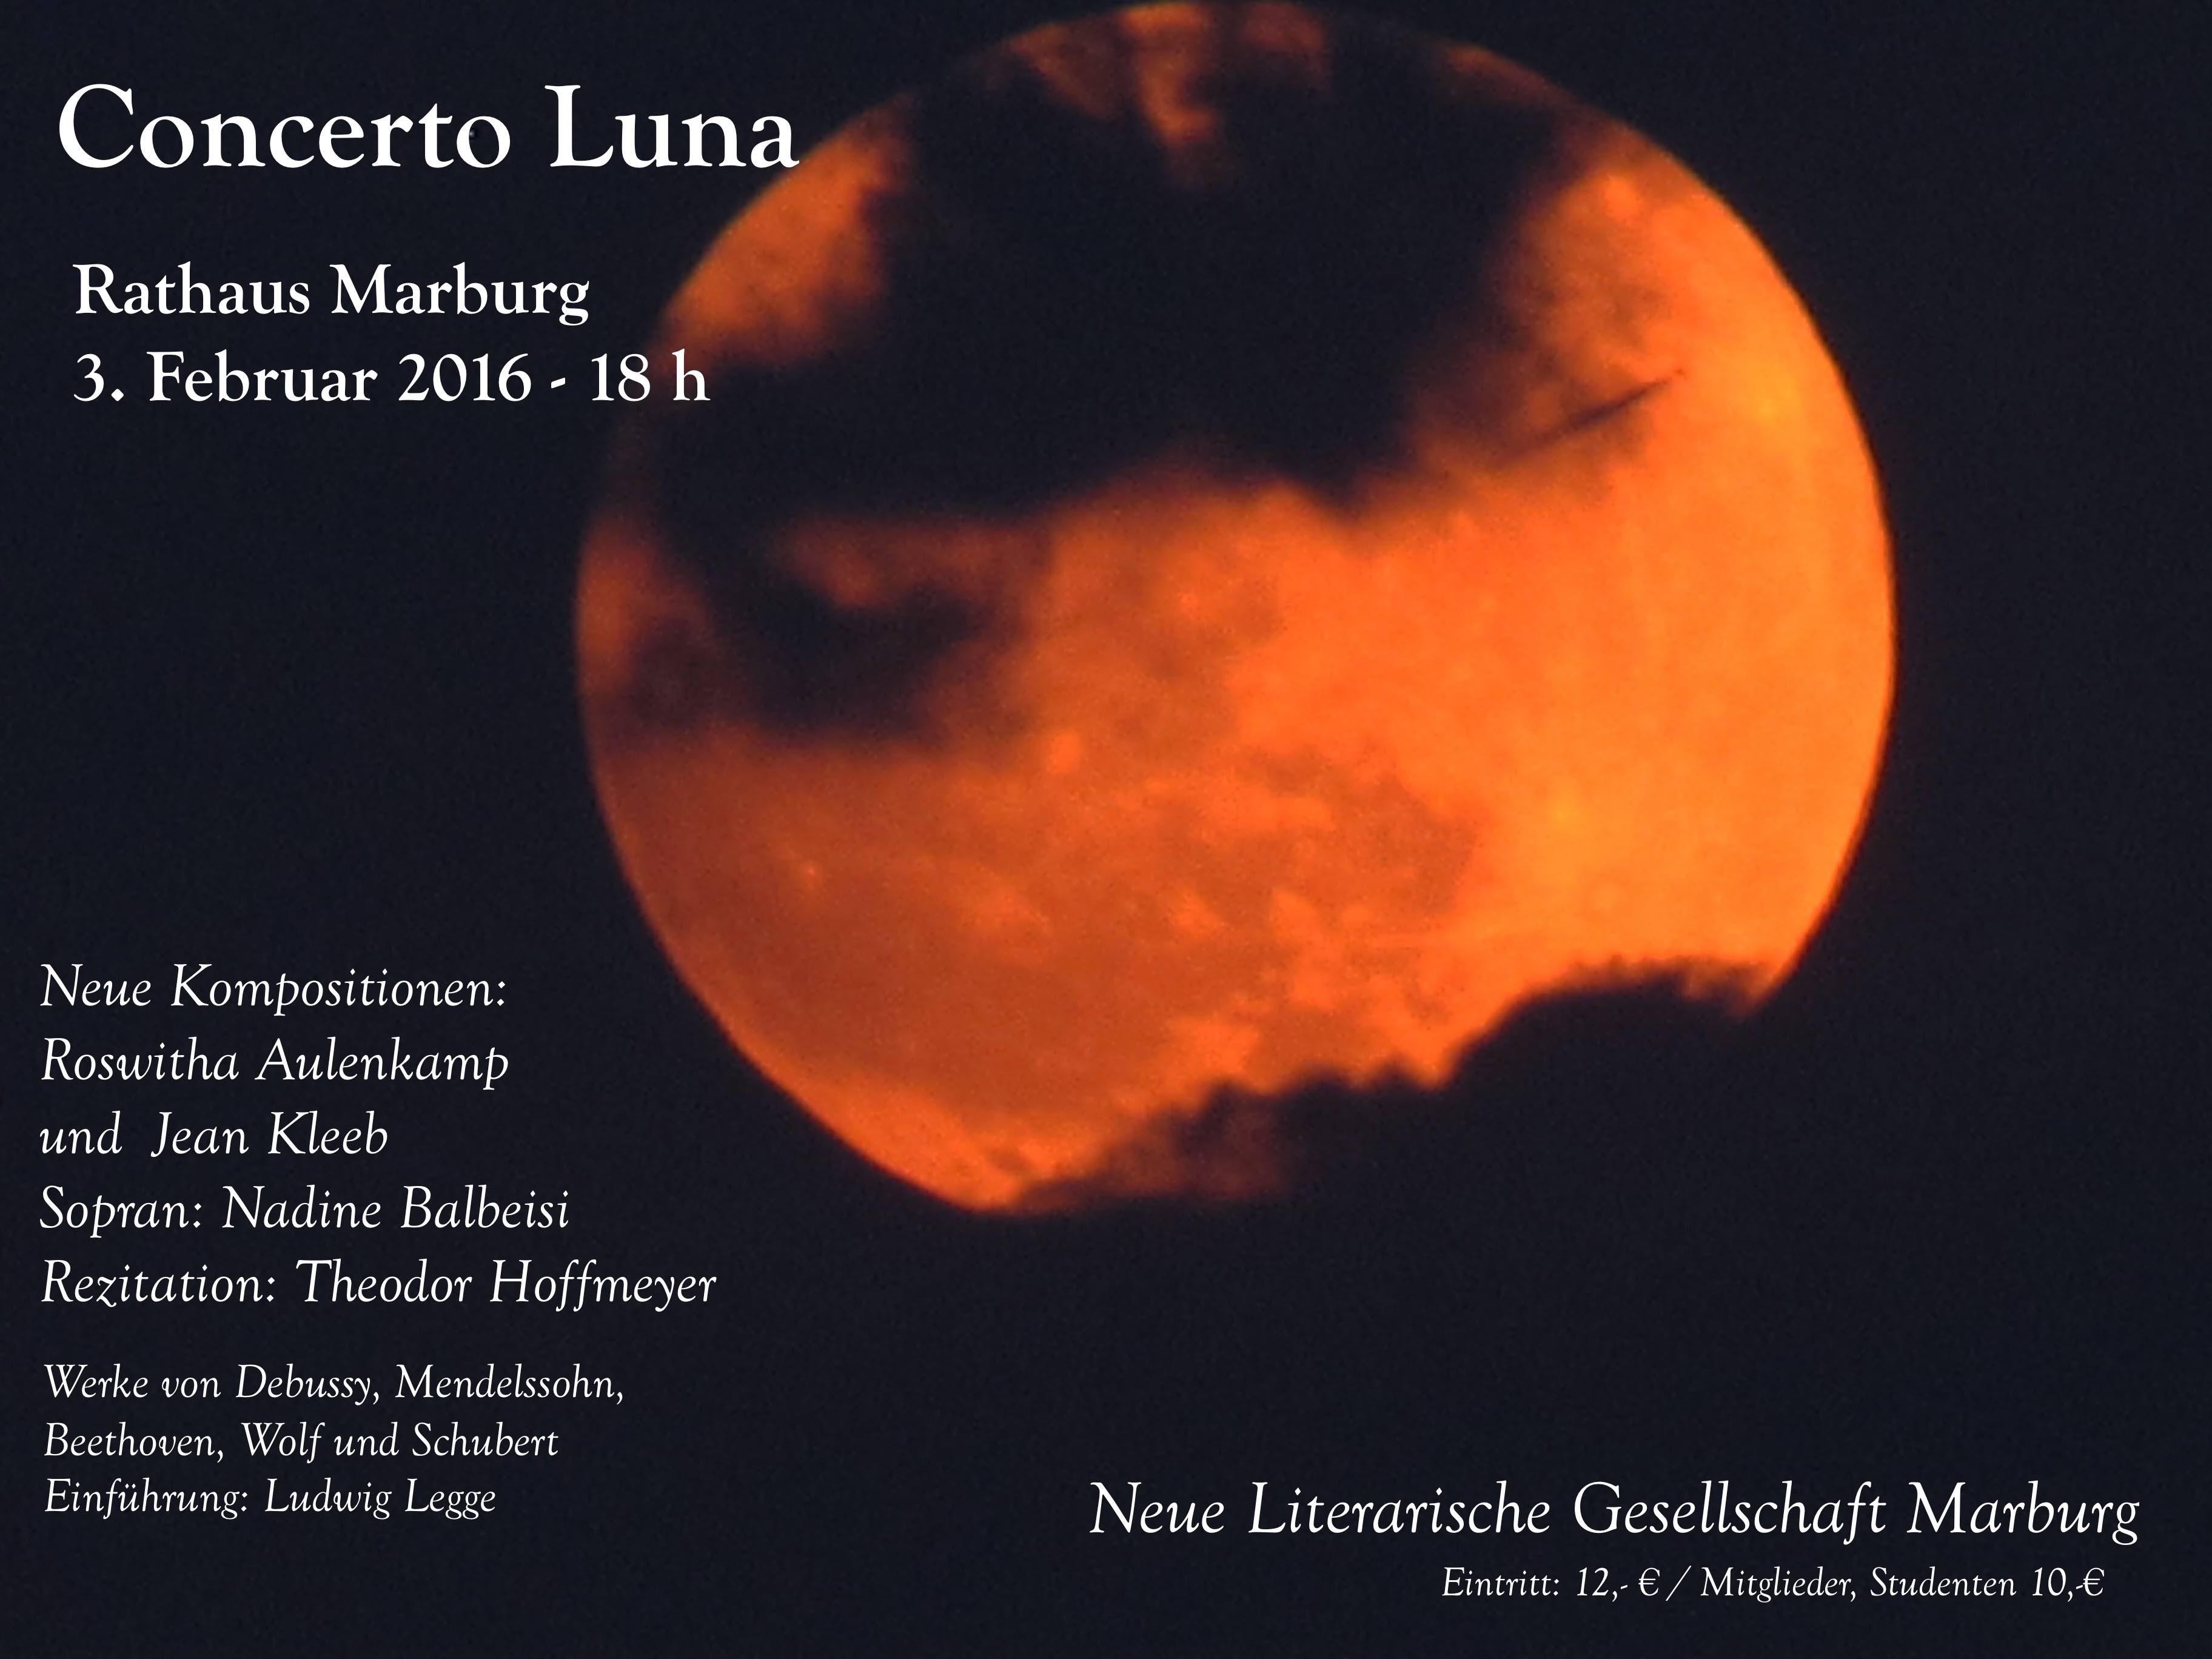 Concerto_Luna_klein.jpg